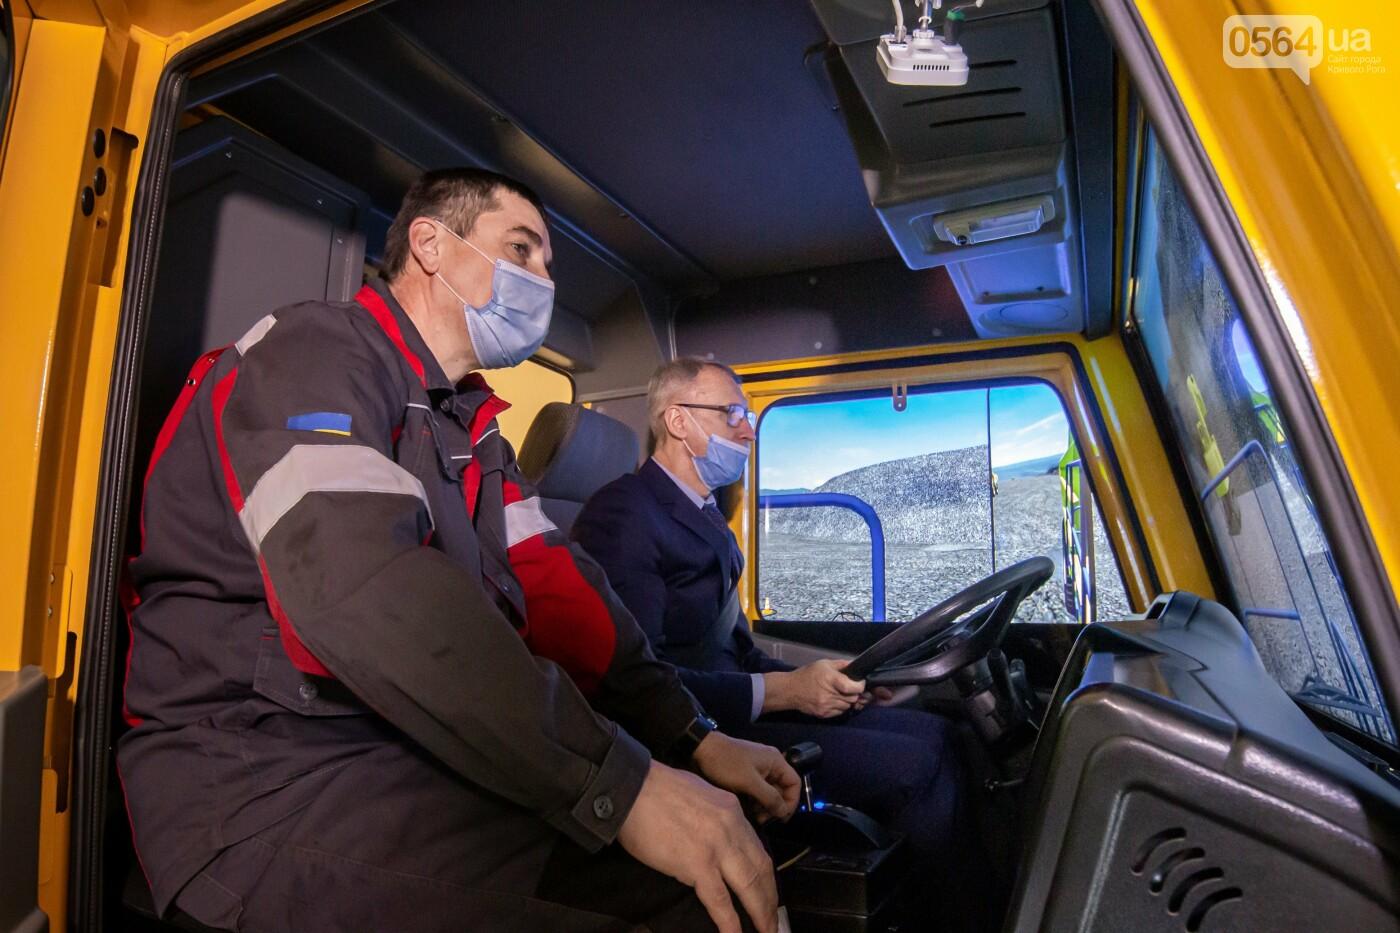 Северный ГОК Метинвеста внедряет новые проекты для повышения уровня безопасности сотрудников, фото-1